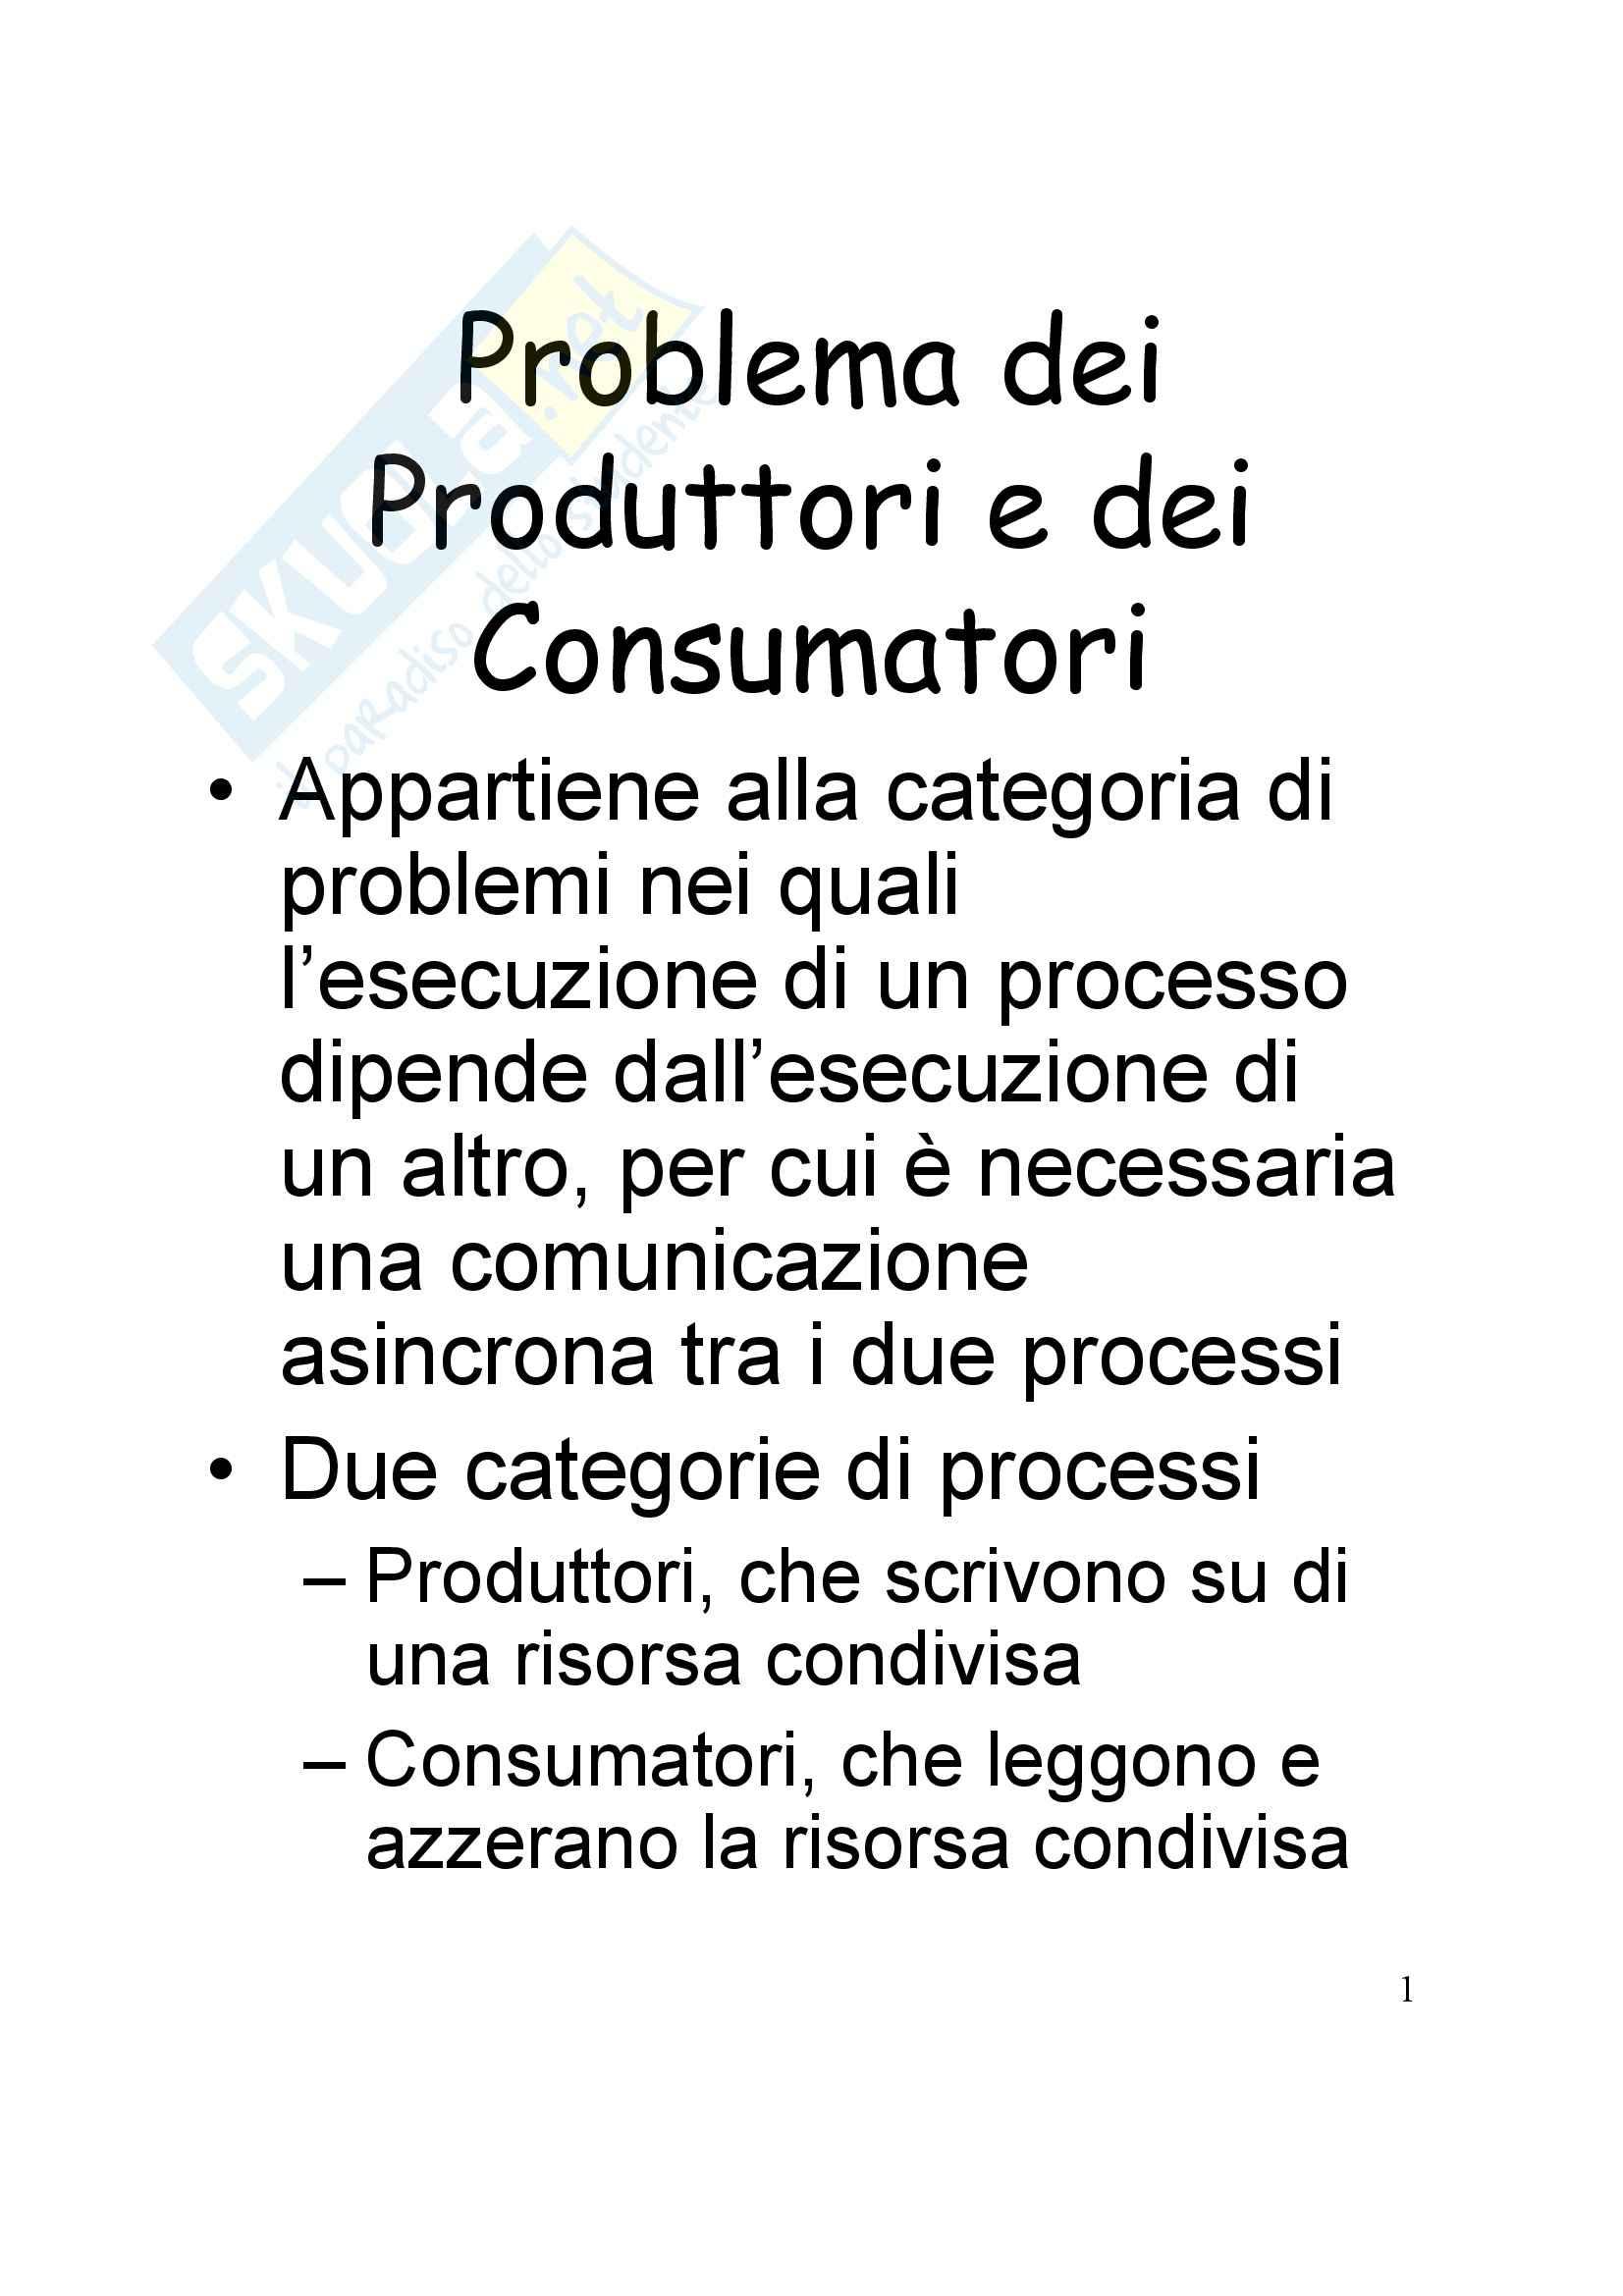 Sistemi operativi - Problema dei produttori e dei consumatori